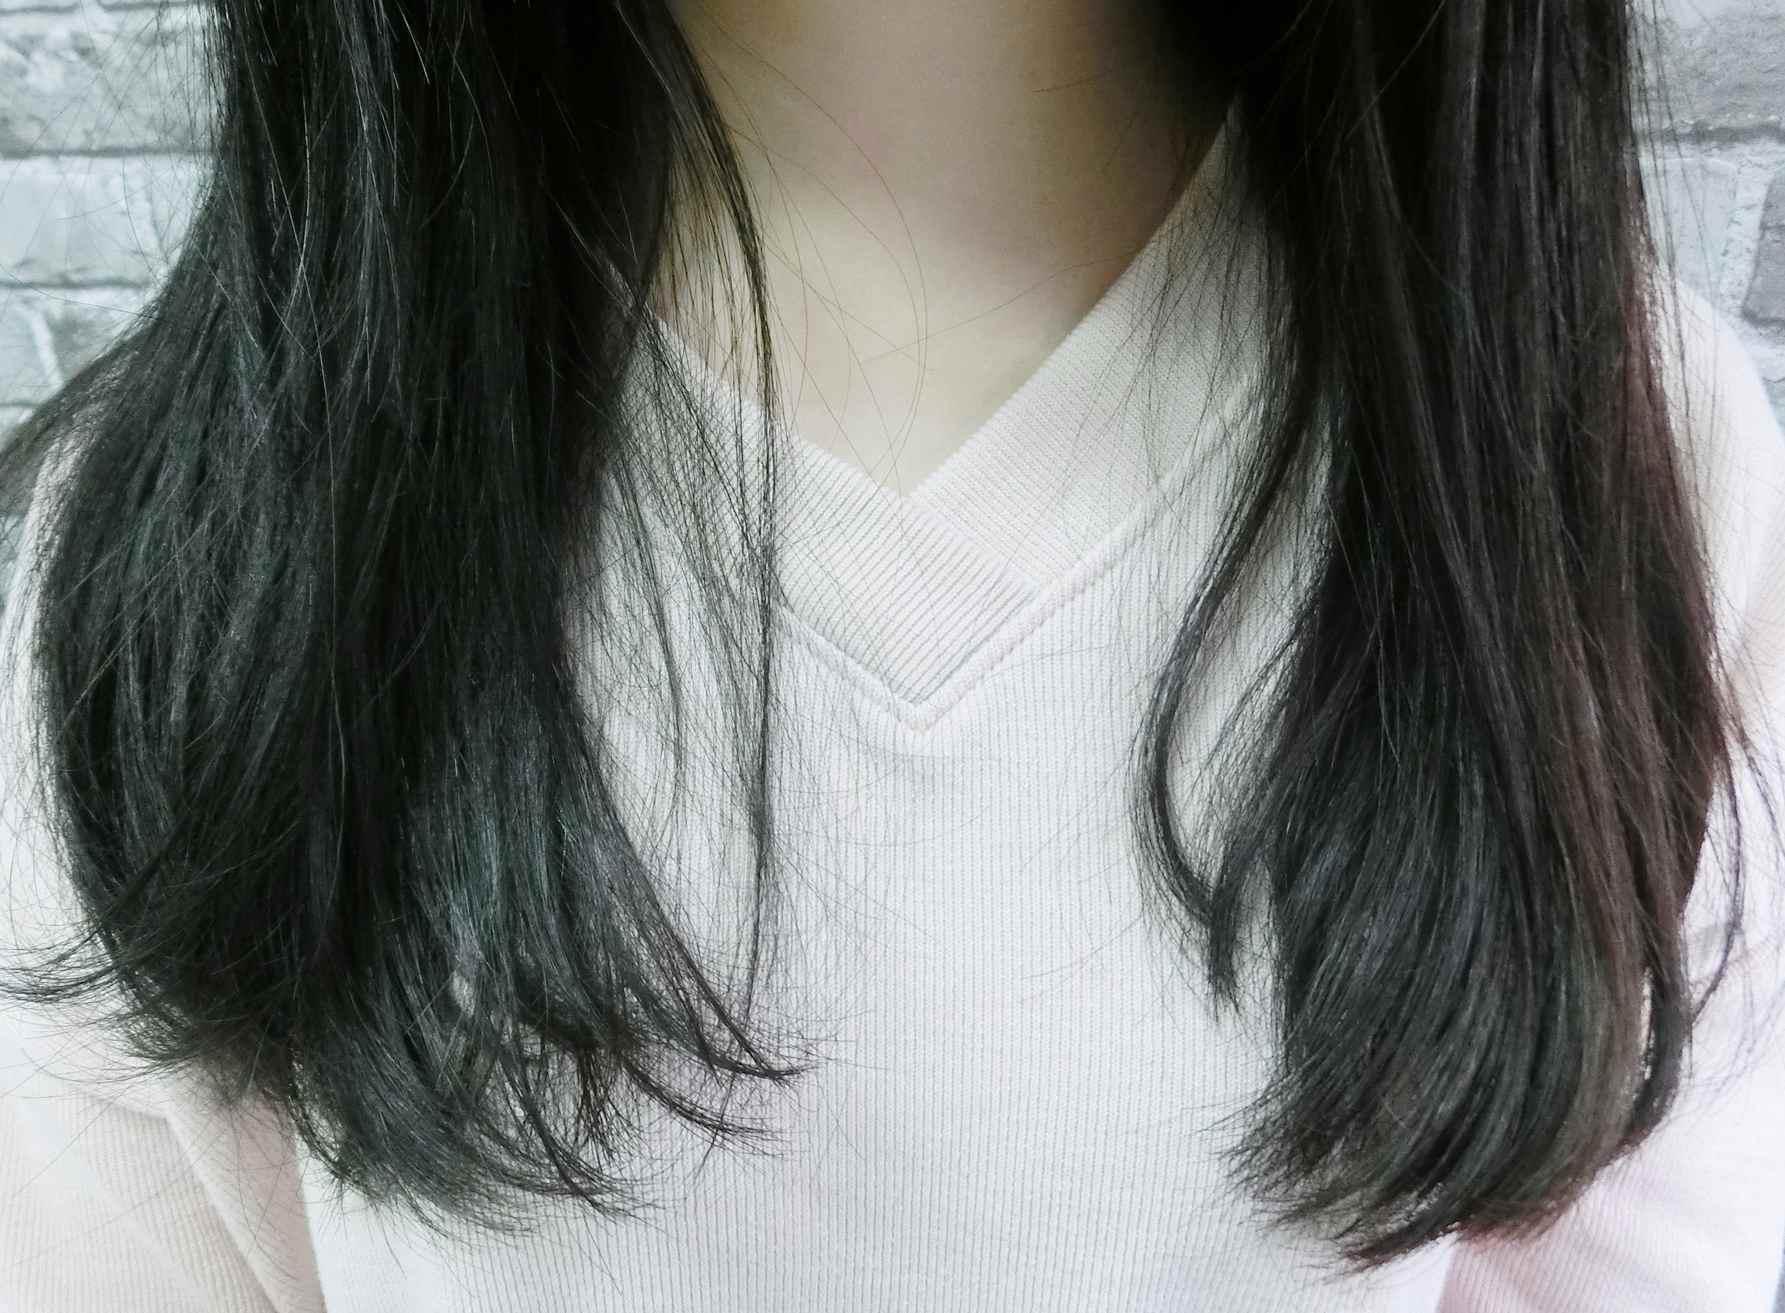 對比圖來看一下,頭髮真的瞬間滑順很多,而且是有光澤度不是油感的喔!